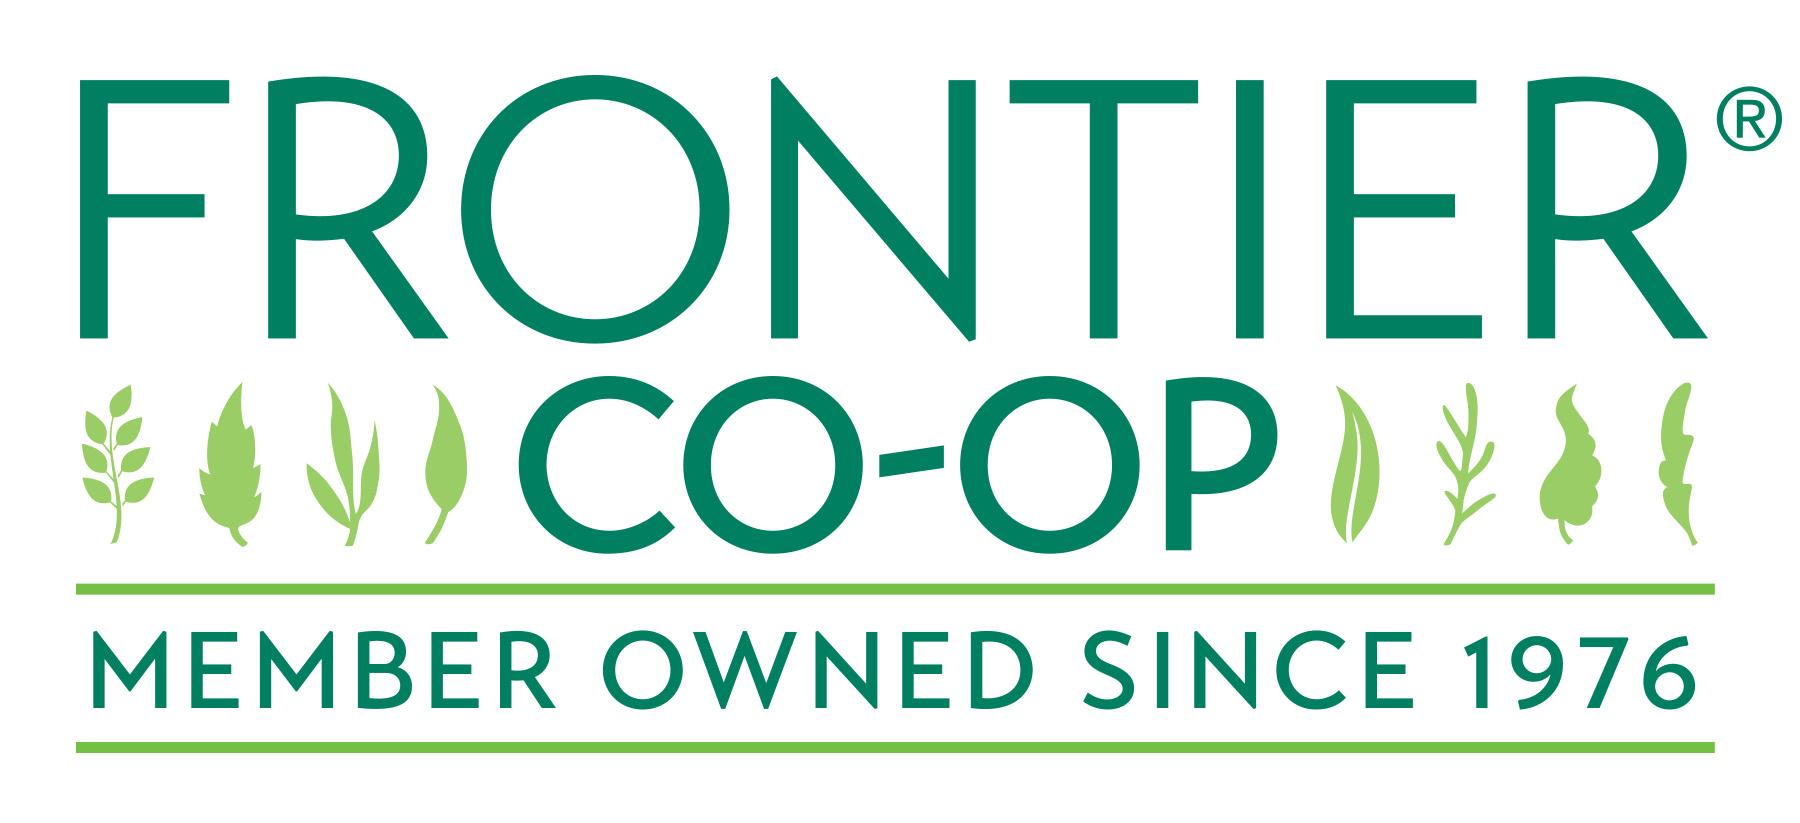 Logo-Frontier-Coop.jpg